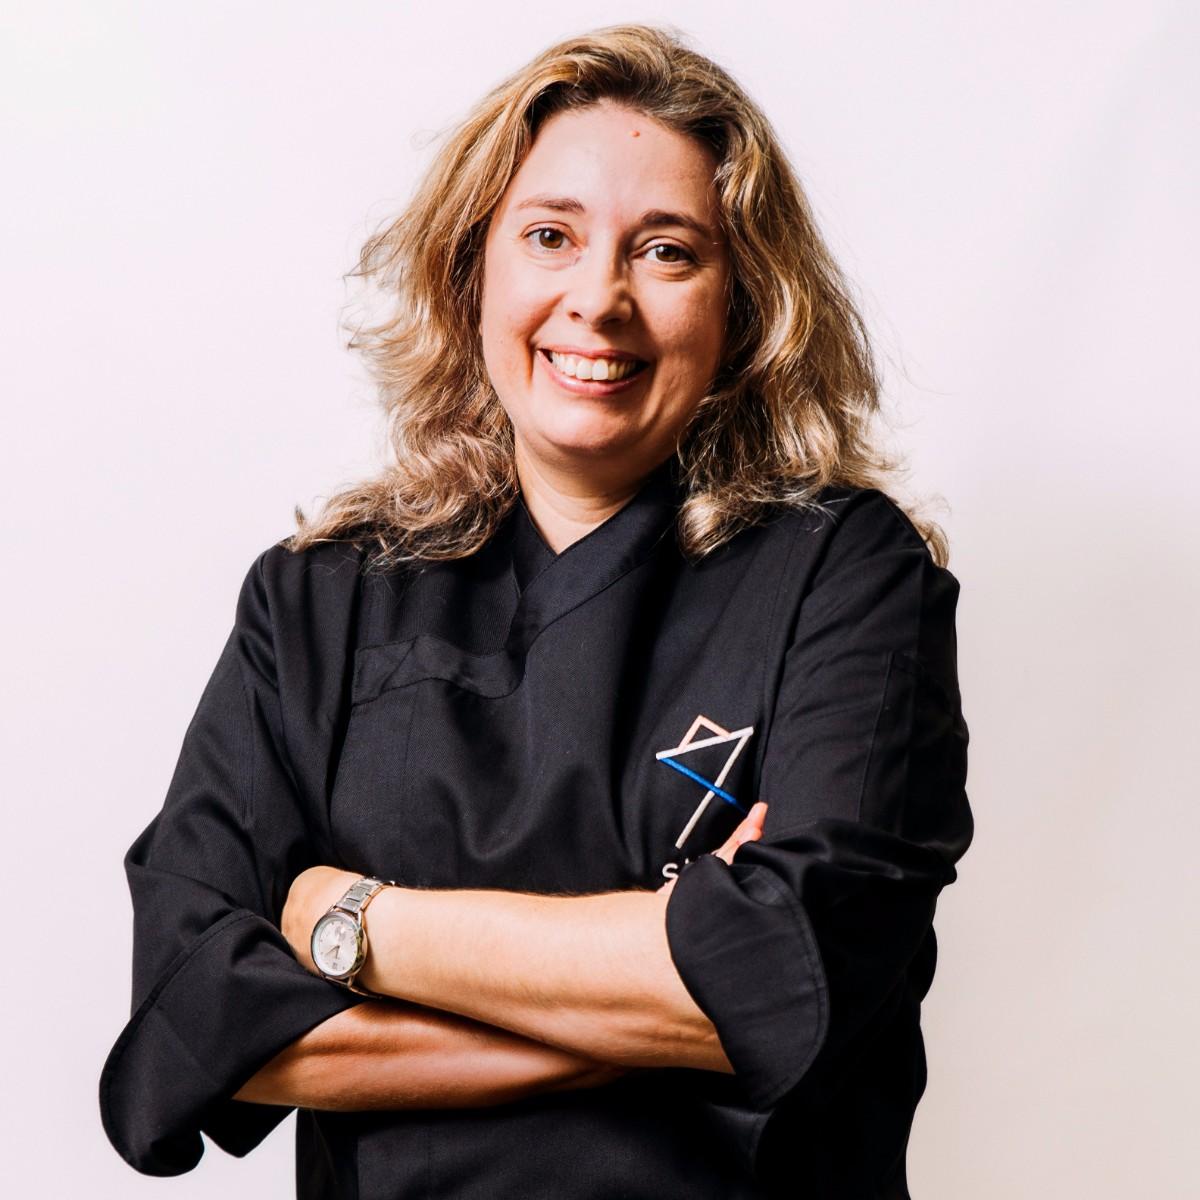 Carla Medeiros